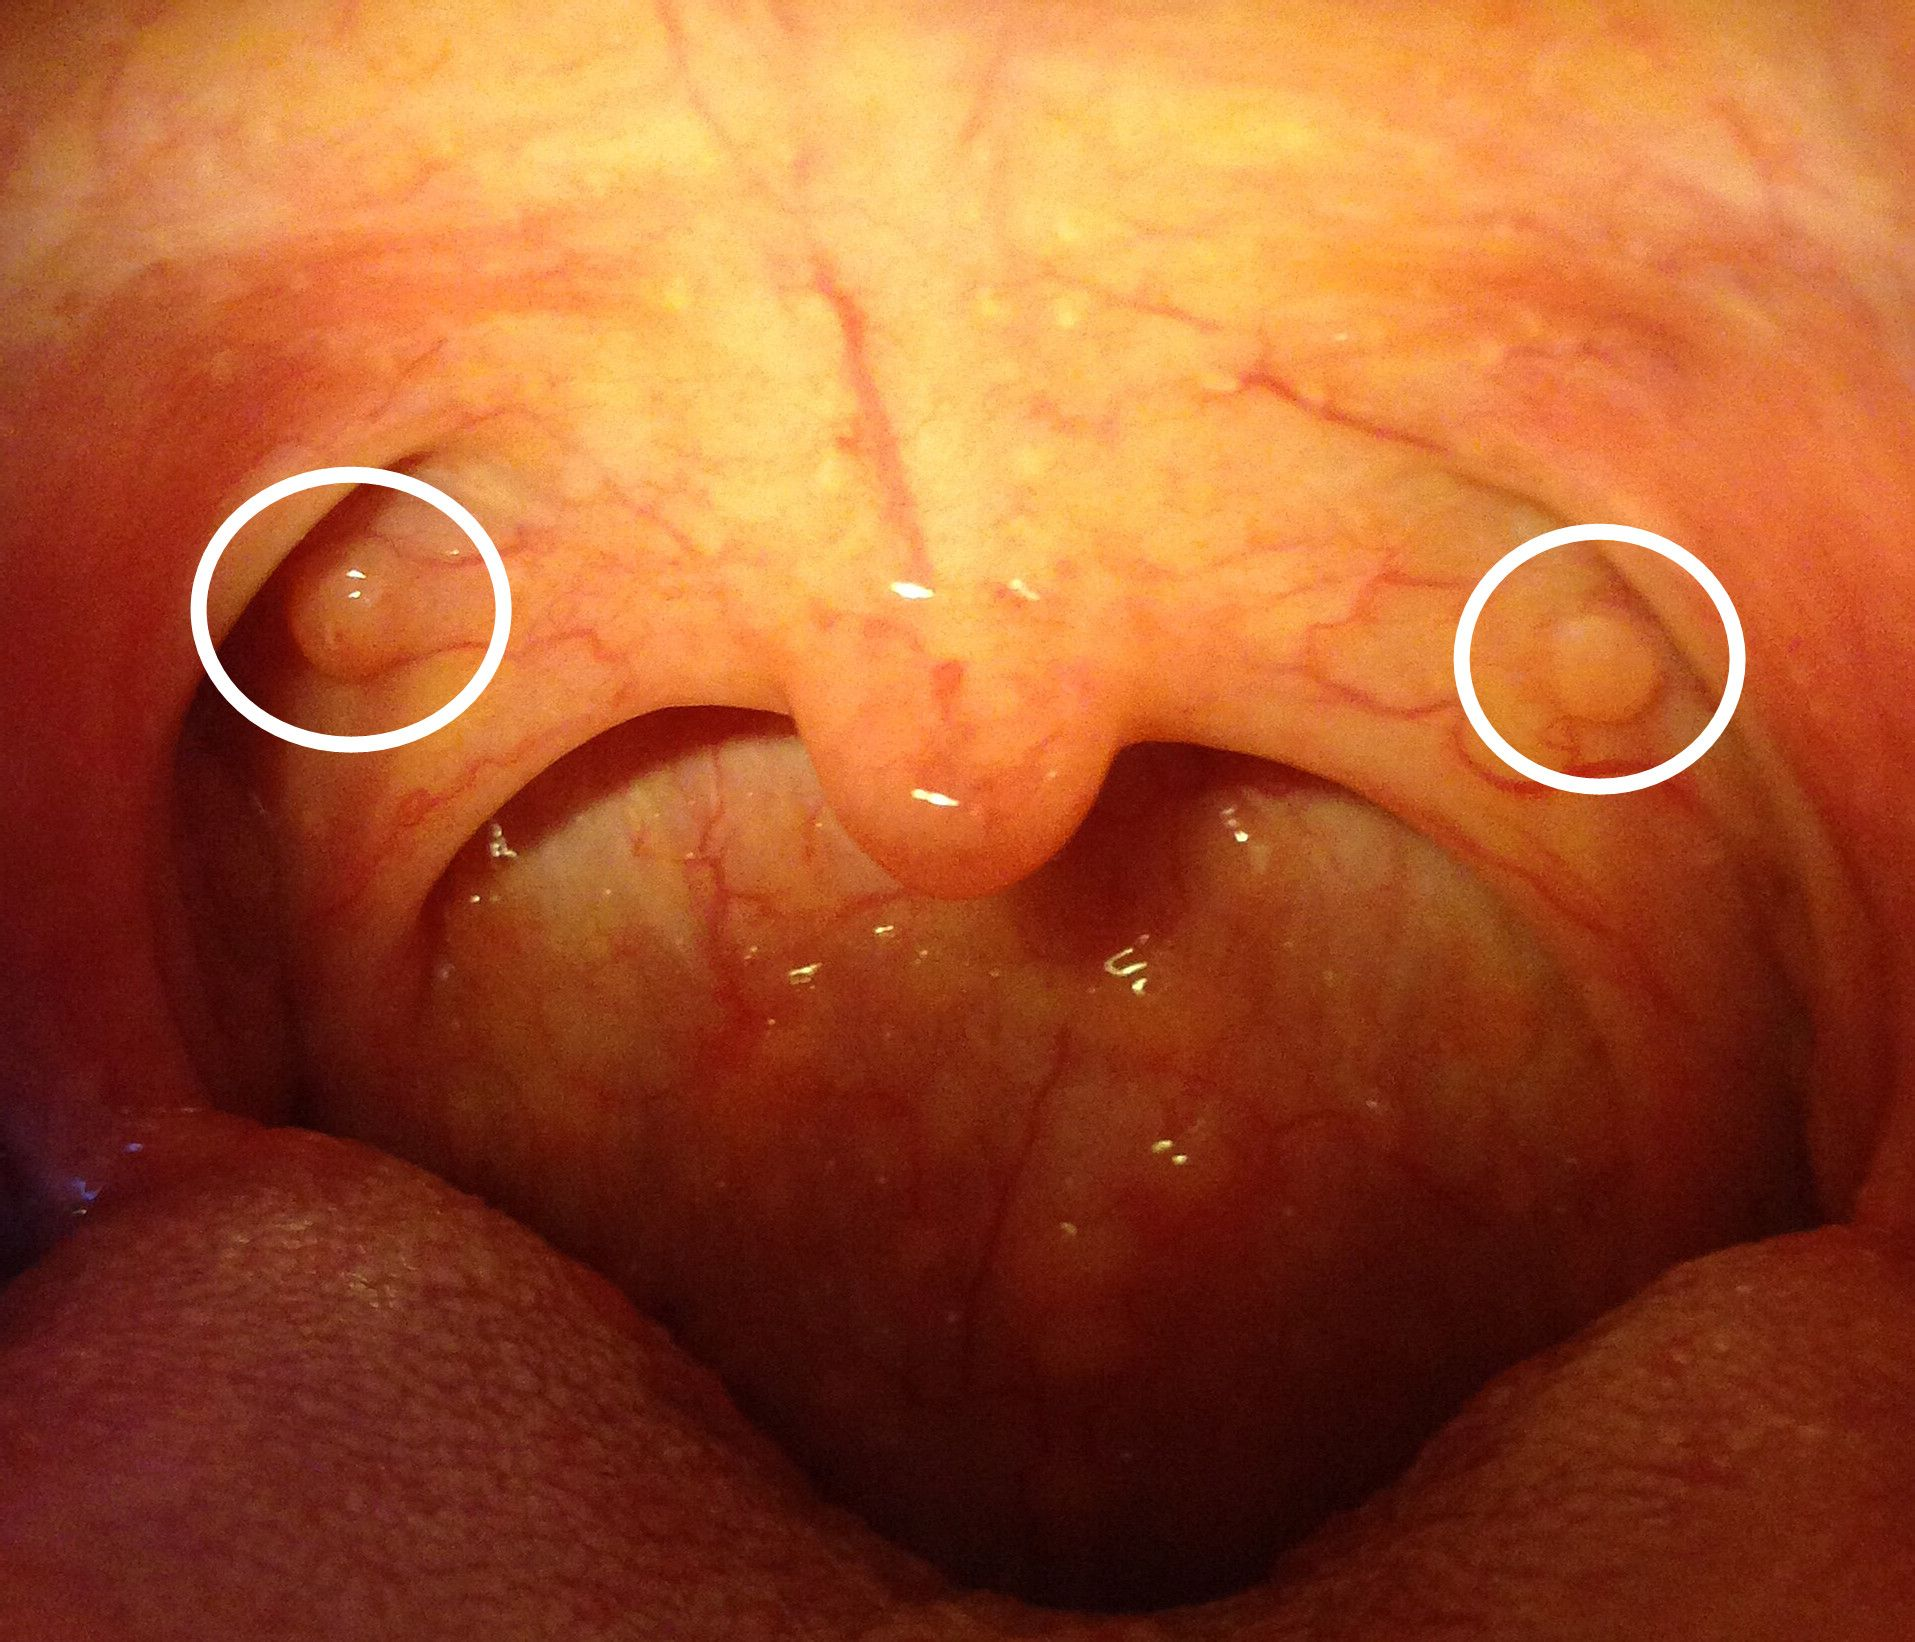 ,有疙瘩_咽炎喉咙里有大疙瘩_喉咙内壁长疙瘩图片 ...